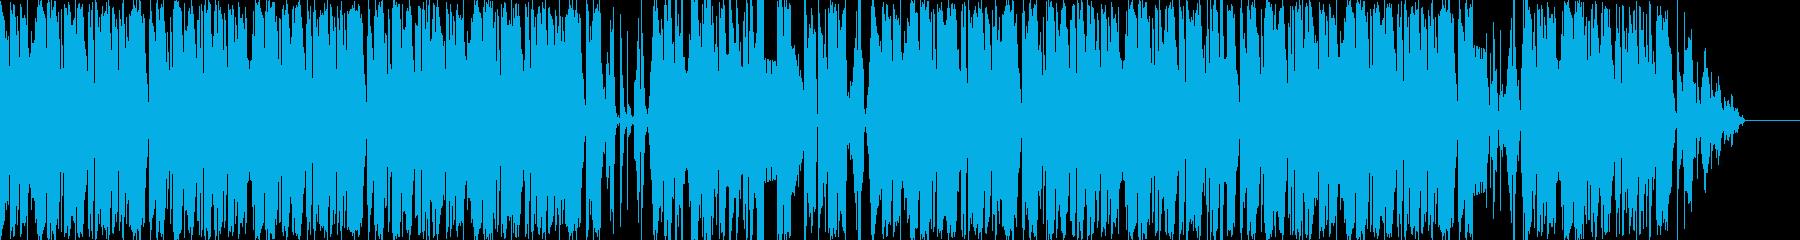 想像、柔らかい、機械的BGMの再生済みの波形